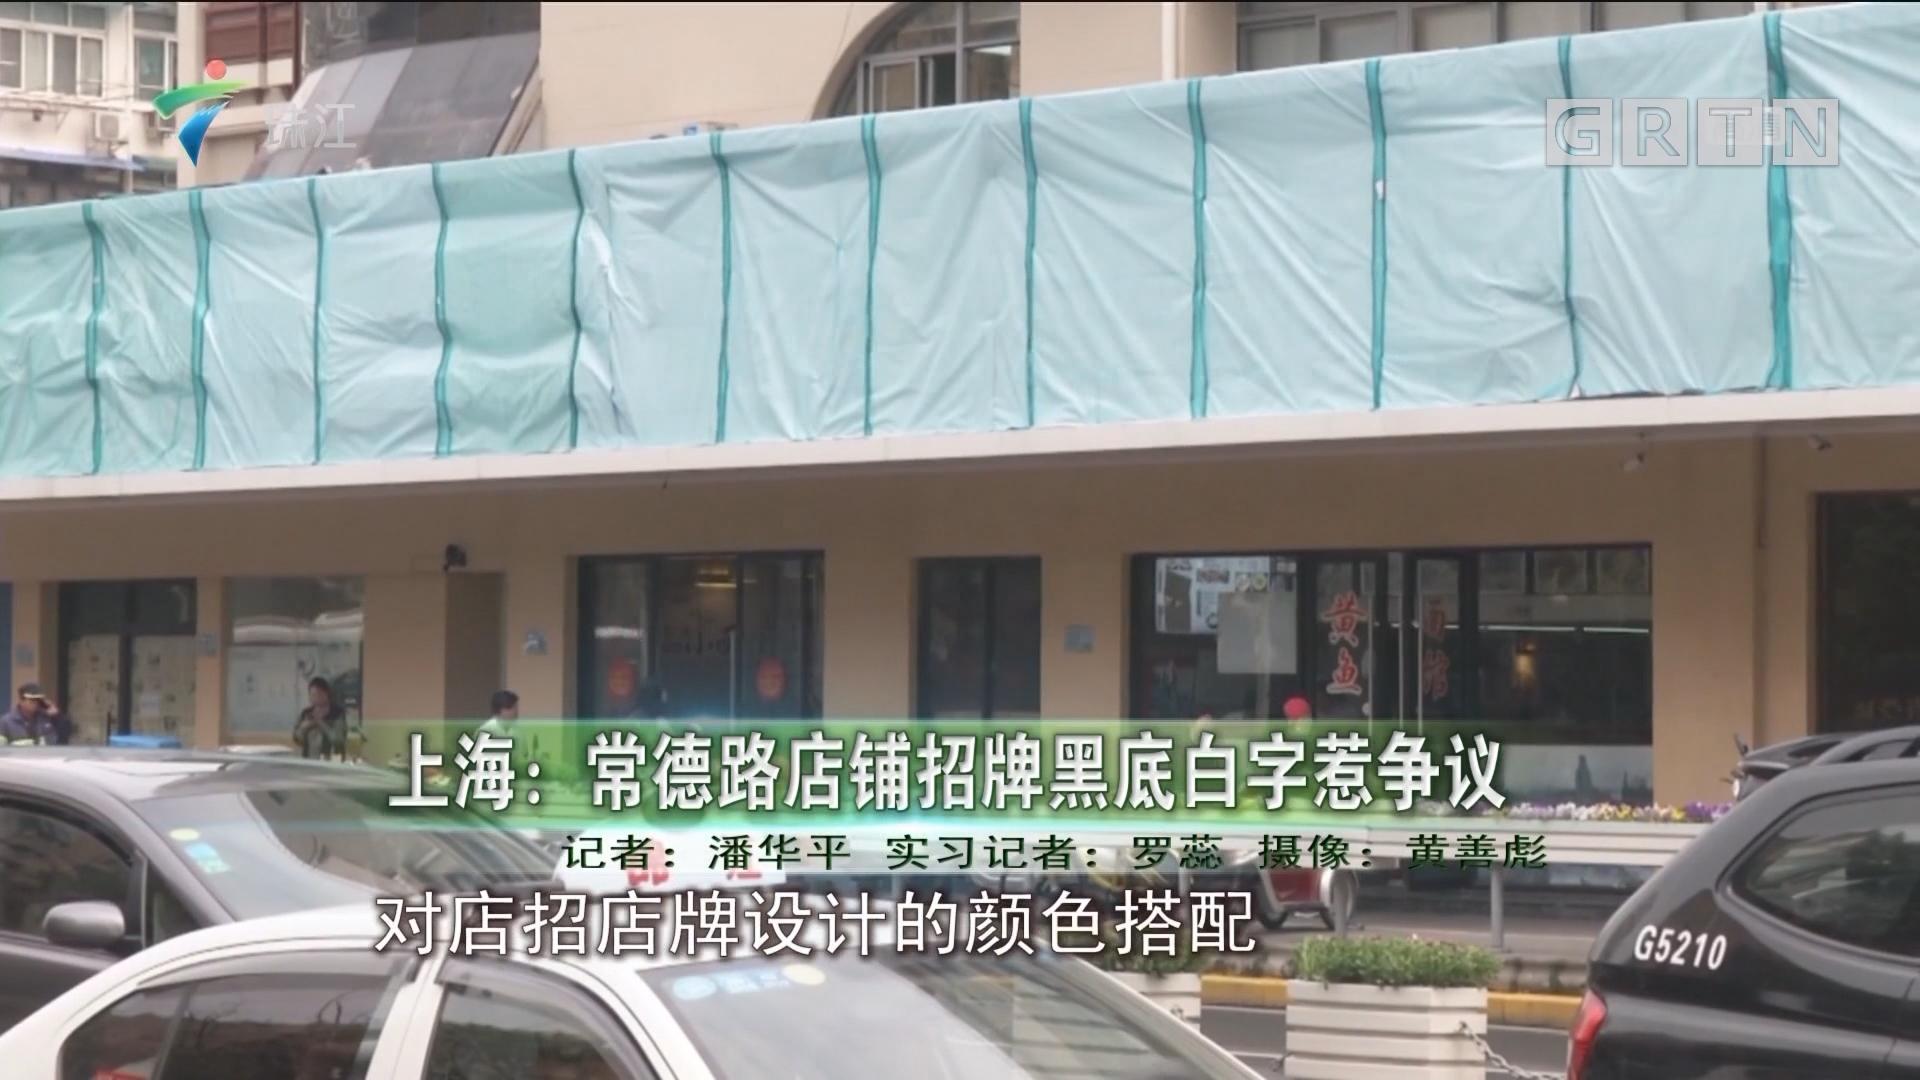 上海:常德路店铺招牌黑底白字惹争议